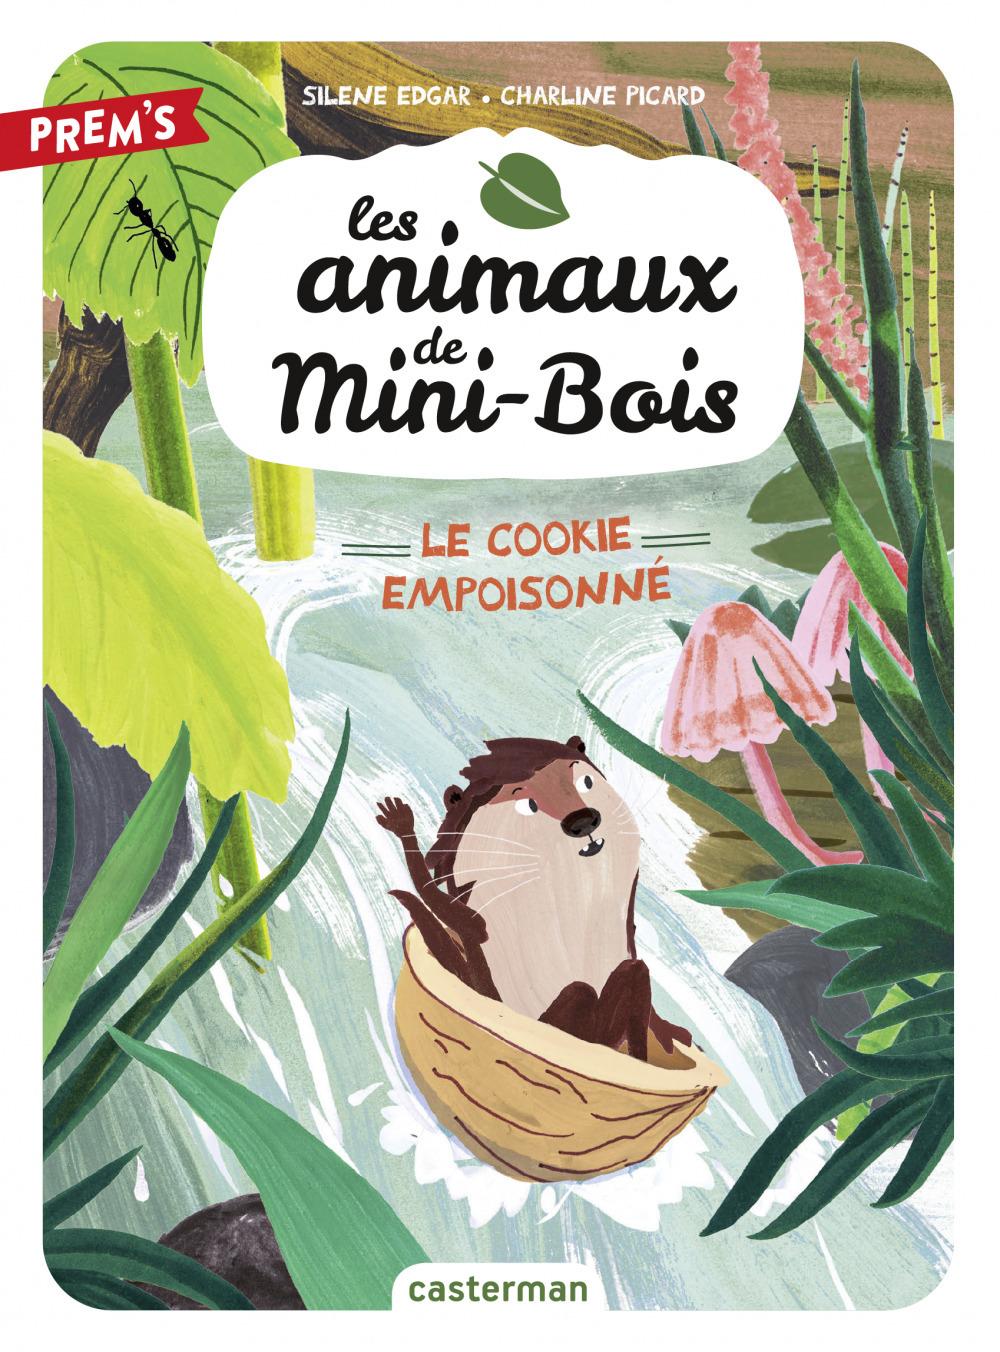 Les animaux de Mini-Bois (Tome 1)  - Le cookie empoisonné